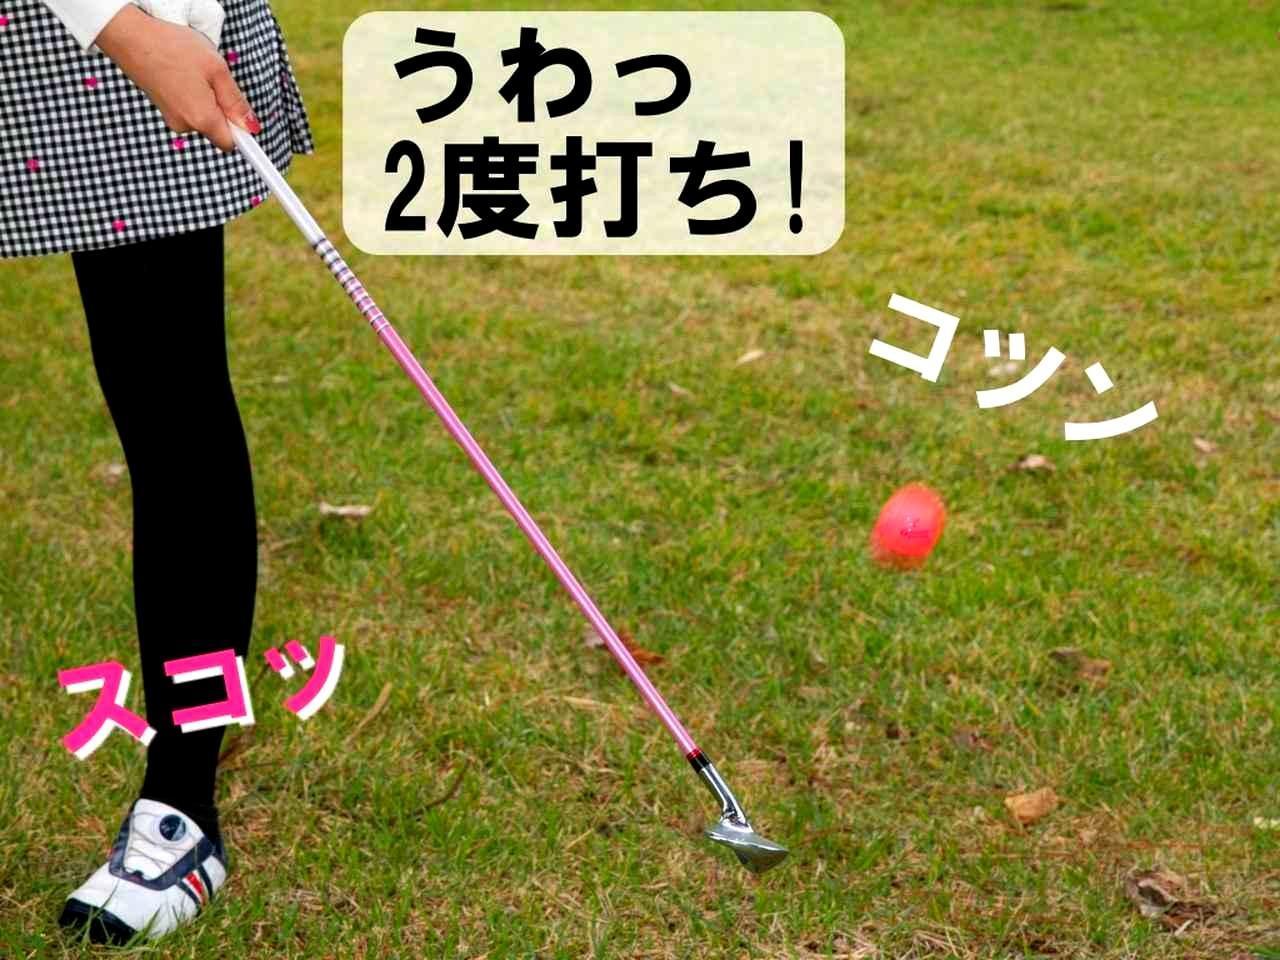 画像2: 【ルール】2度打ちした球が体にも当たった! これって何打罰になる?